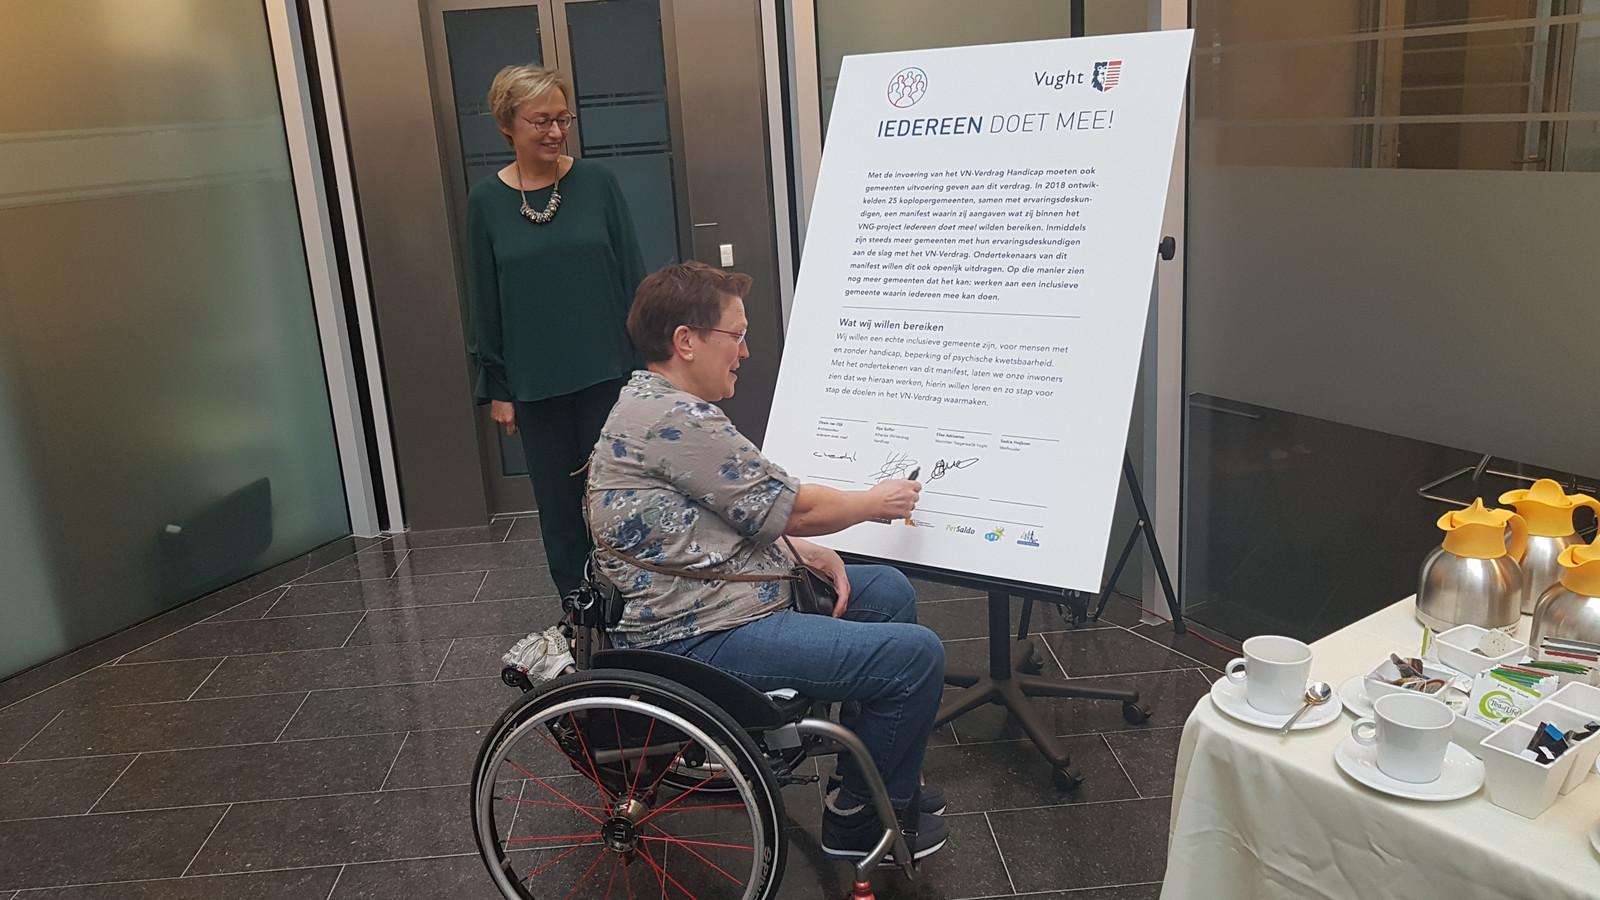 Voorzitter Elise Adriaanse van Toegankelijk Vught' tekende het Manifest 'Iedereen doet mee!' Wethouder Saskia Heijboer kijkt mee